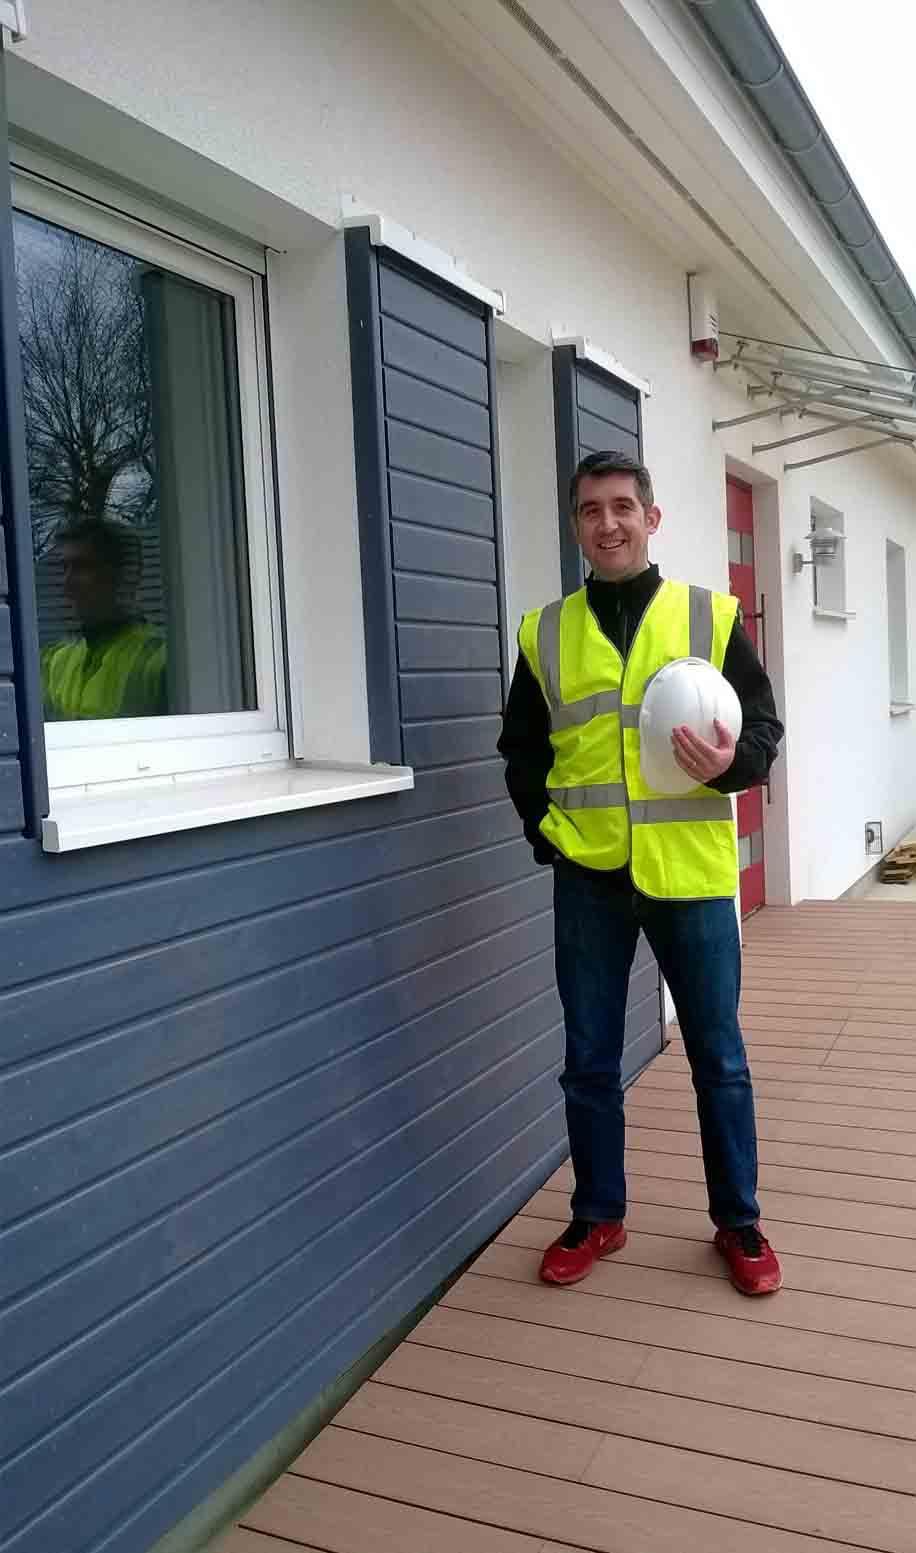 Julian Roberts built an eco home